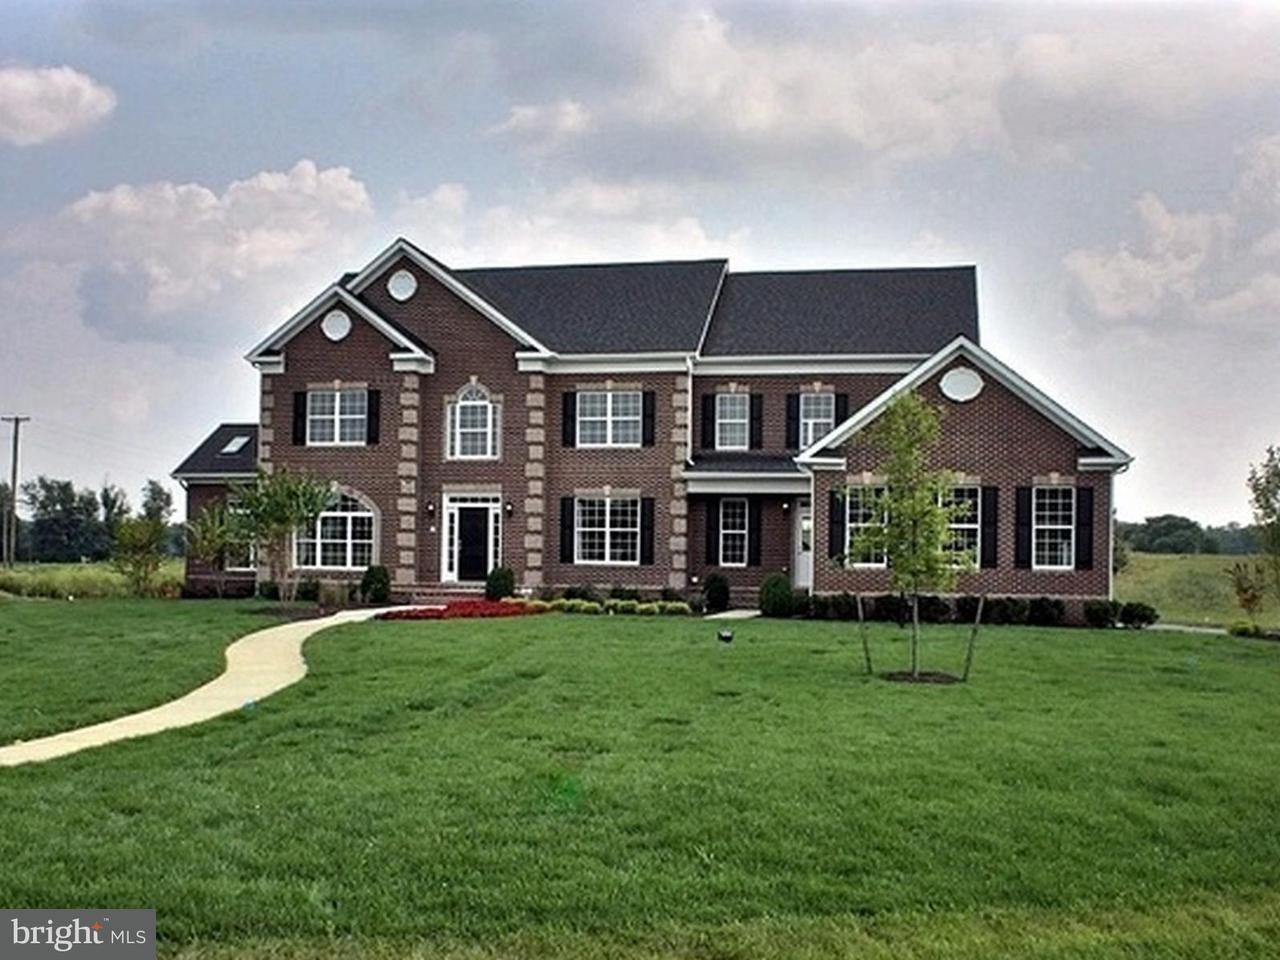 一戸建て のために 売買 アット 22208 Garretts Chance Court 22208 Garretts Chance Court Aquasco, メリーランド 20608 アメリカ合衆国